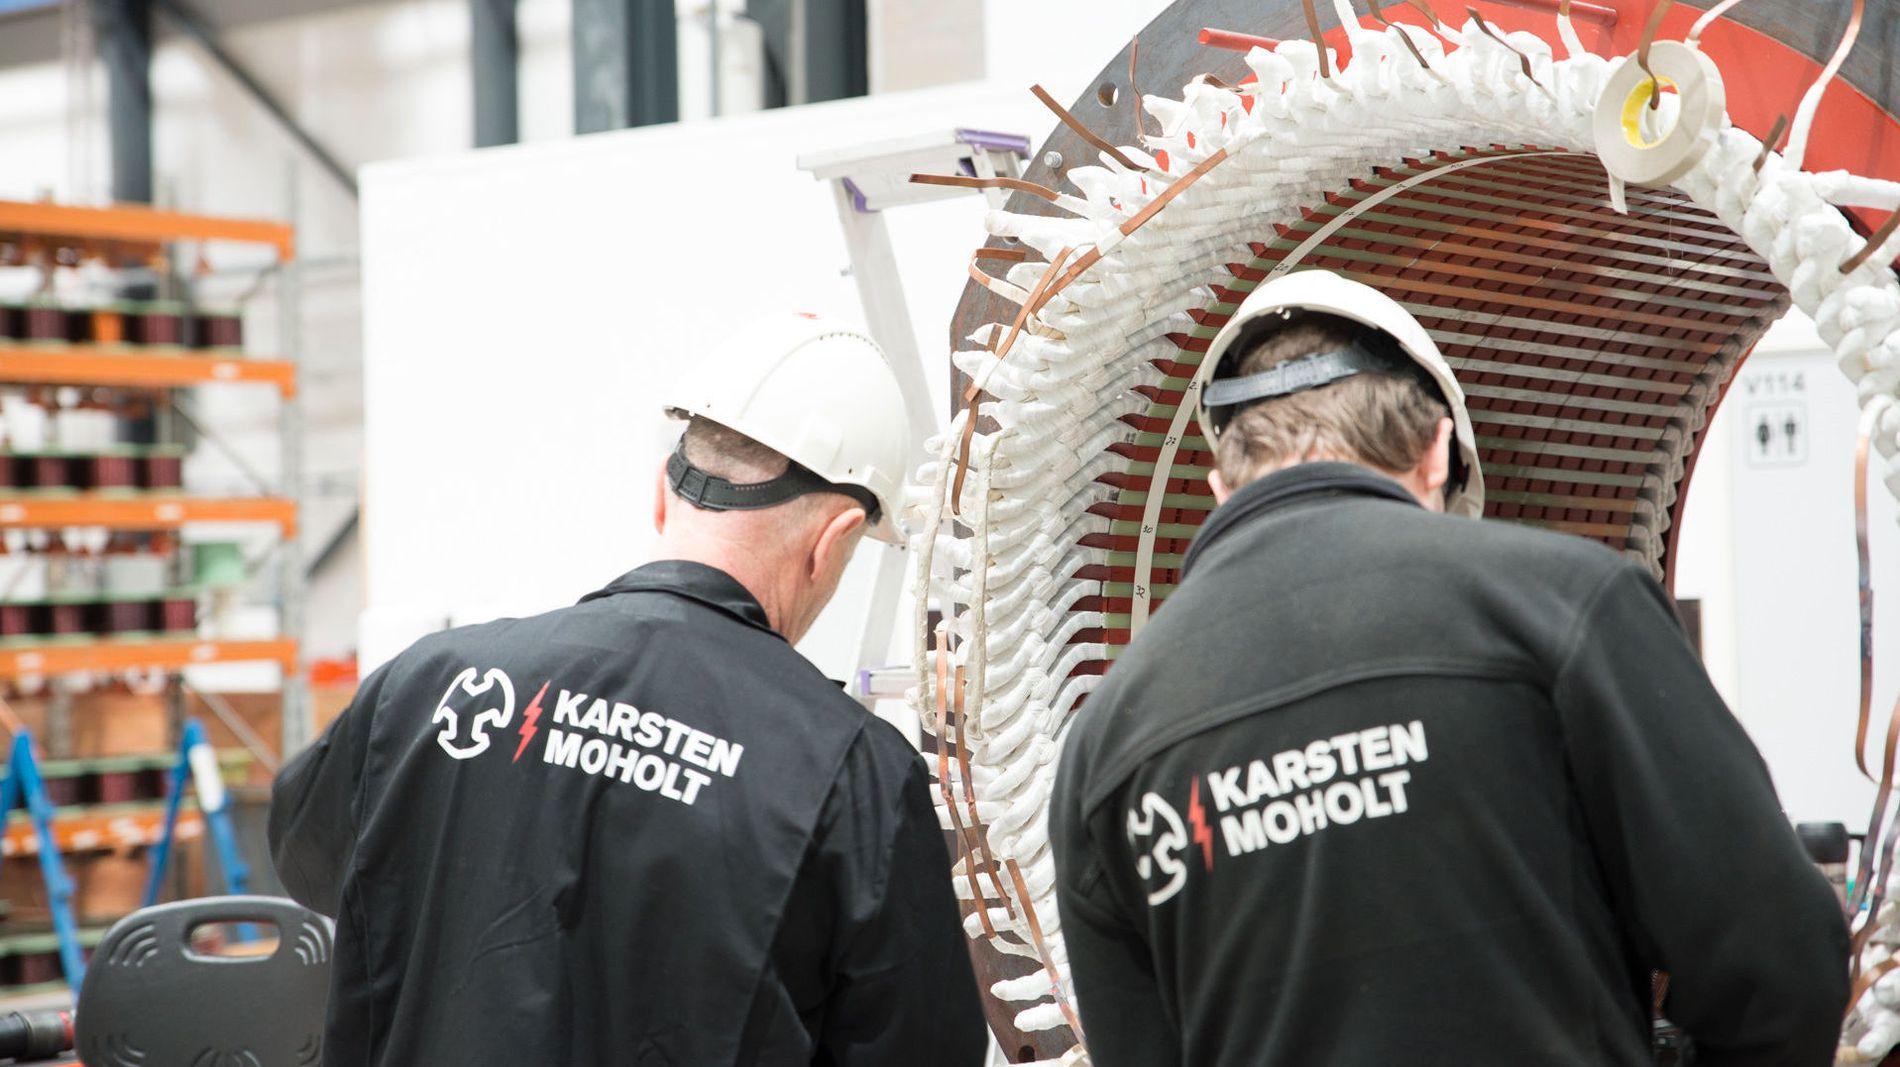 KUTTET LØNNEN: 91 prosent av de ansatte i Karsten Moholt AS sa ja til å redusere lønnen med fem prosent da oljebremsen gjorde at det ble hardere tider for bedriften.